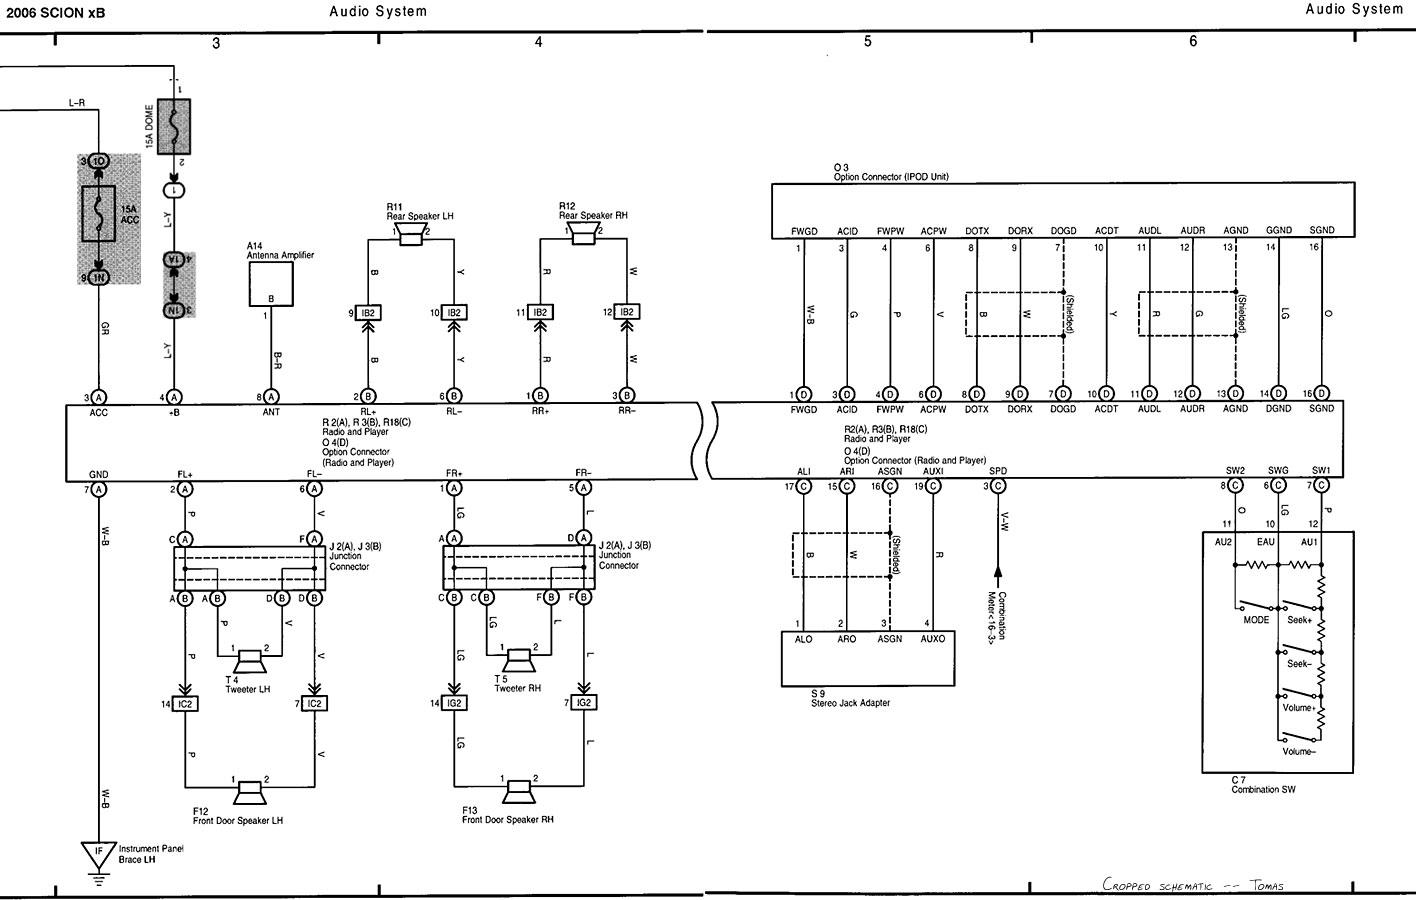 2005 scion tc radio wiring diagram?td1508751668 scion amplifier wiring diagram scion wiring diagrams collection  at reclaimingppi.co